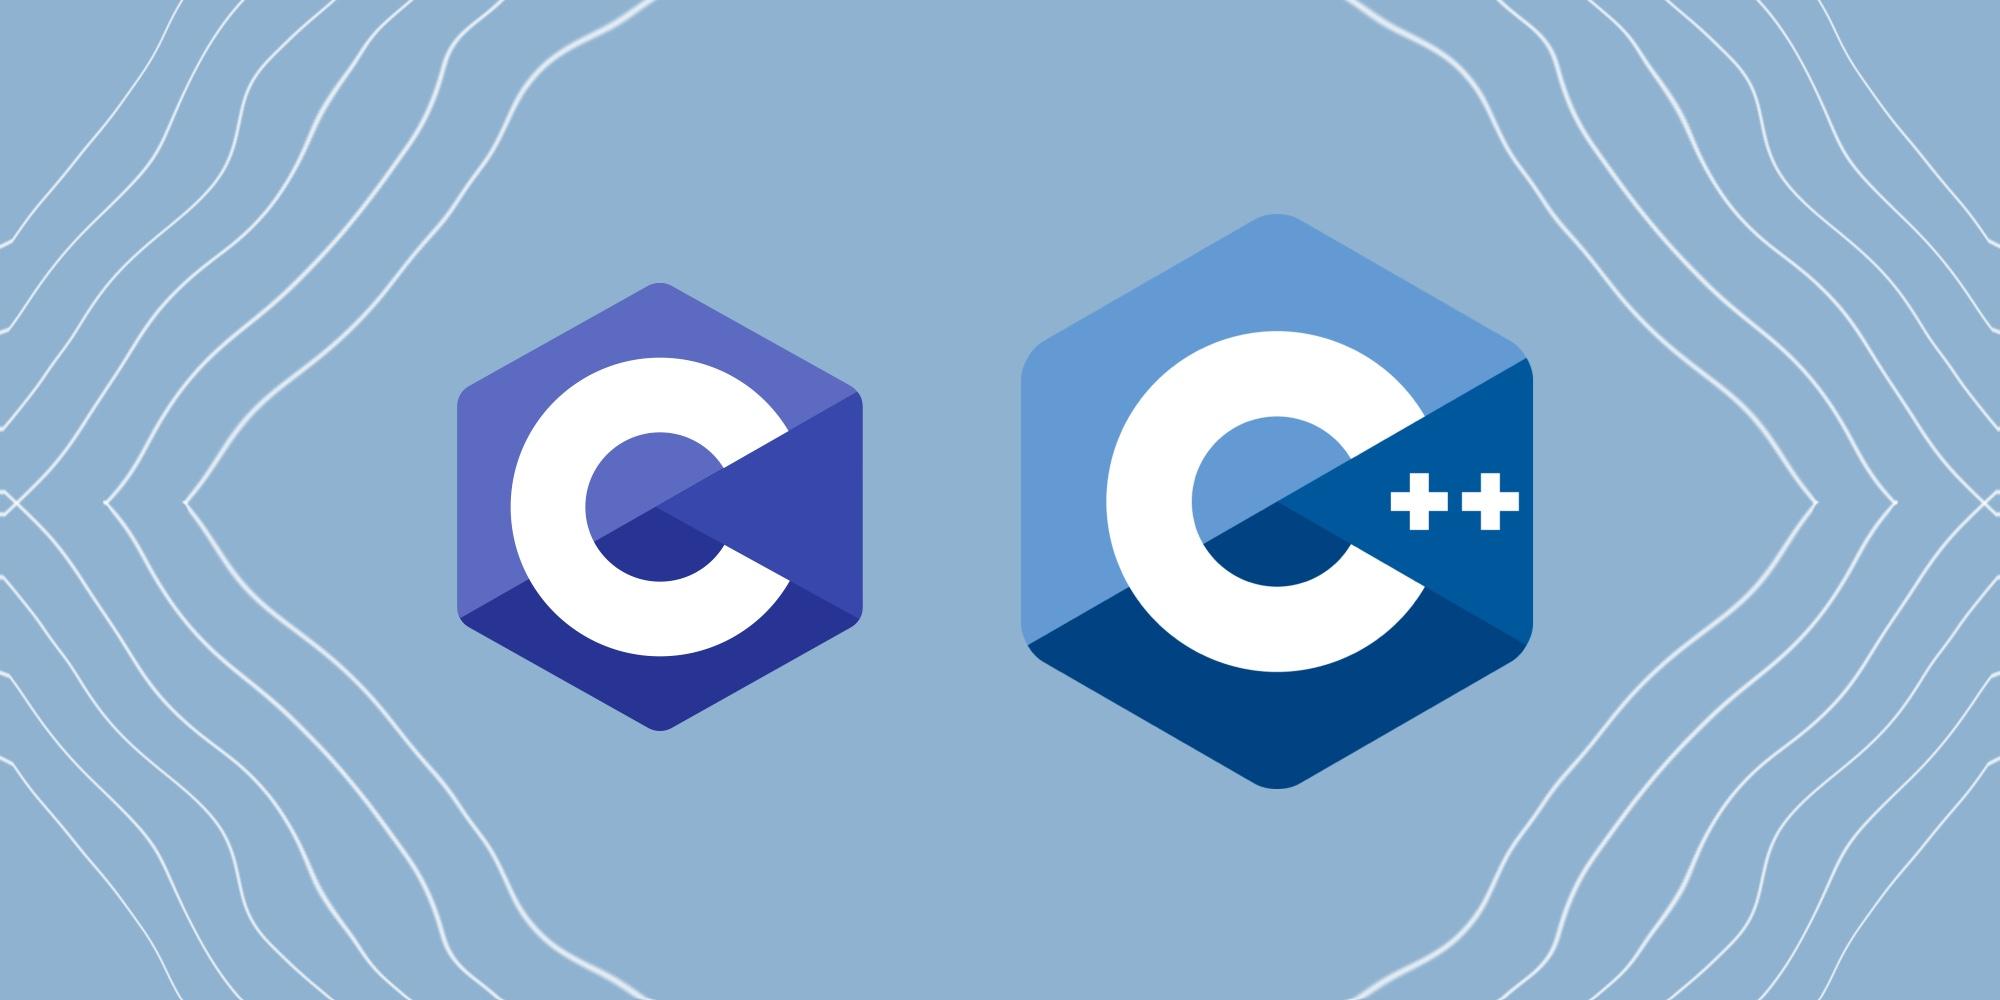 👨🎓️ Зачем и как нужно изучать C/C++ в 2021 году?